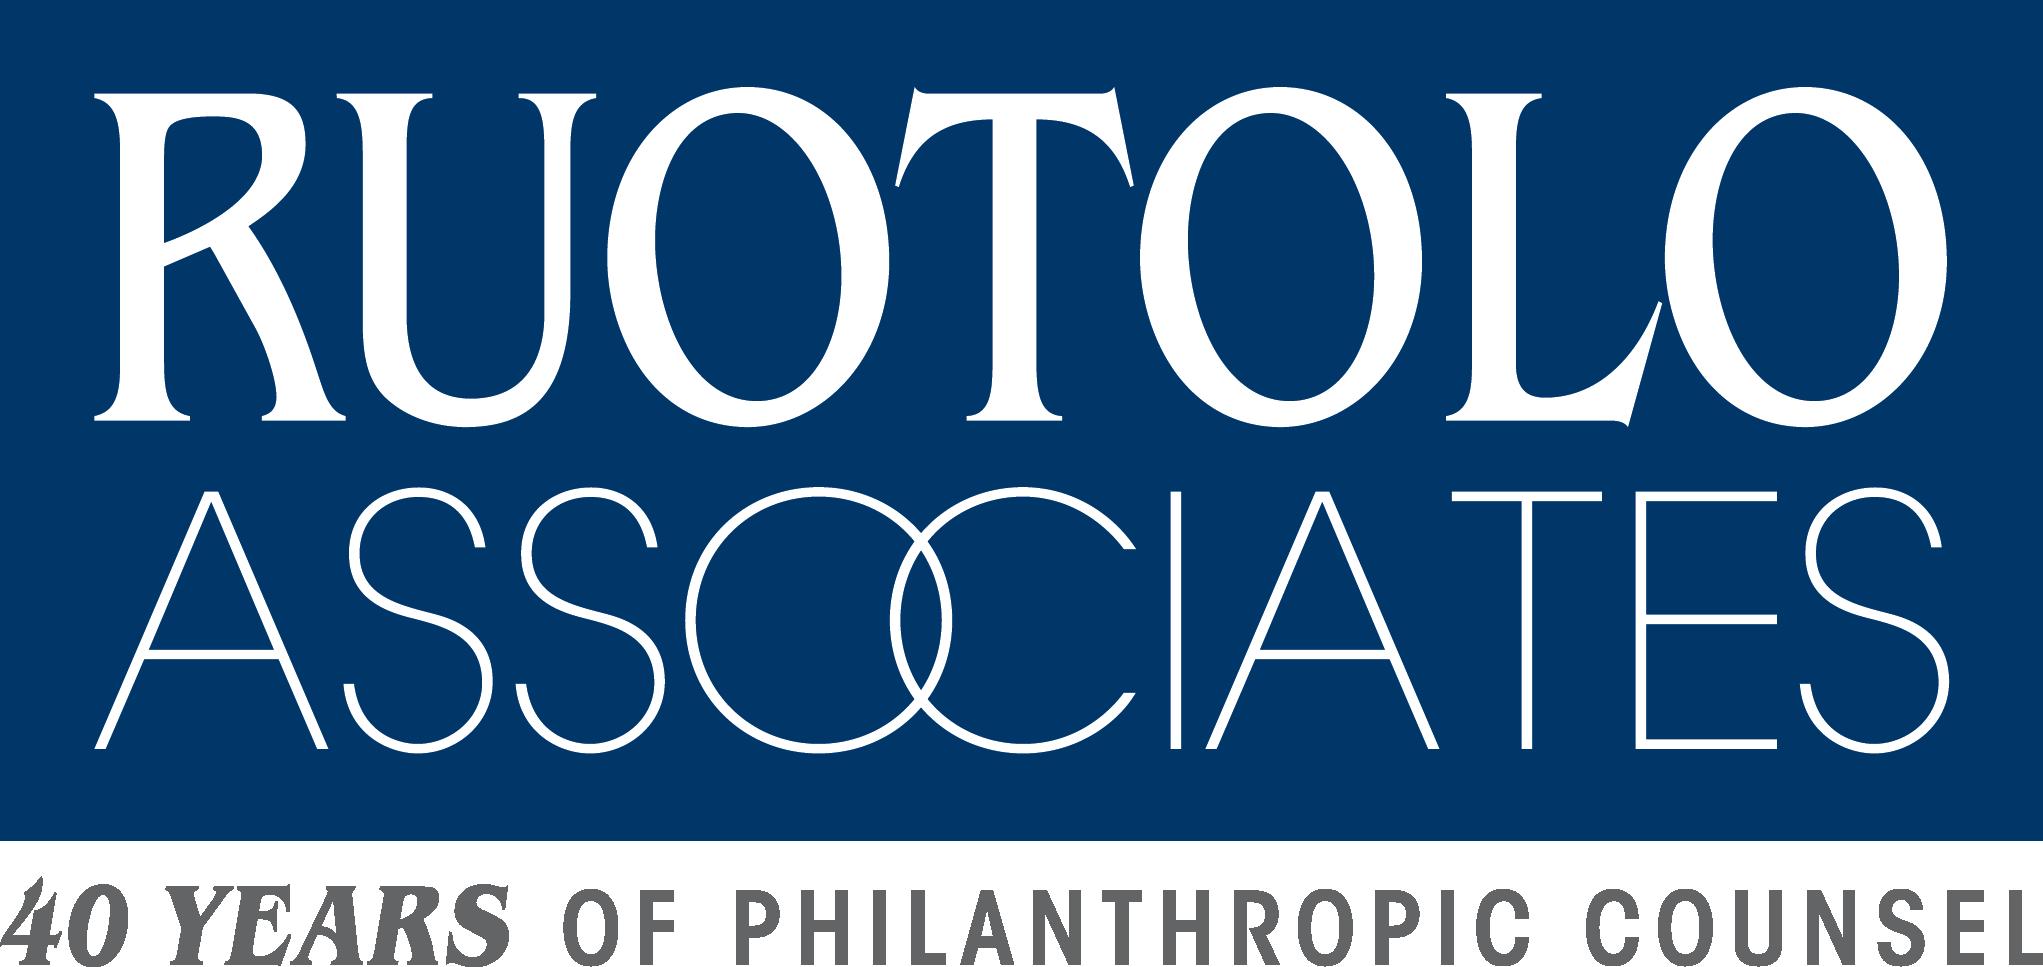 Ruotolo Associates Inc.